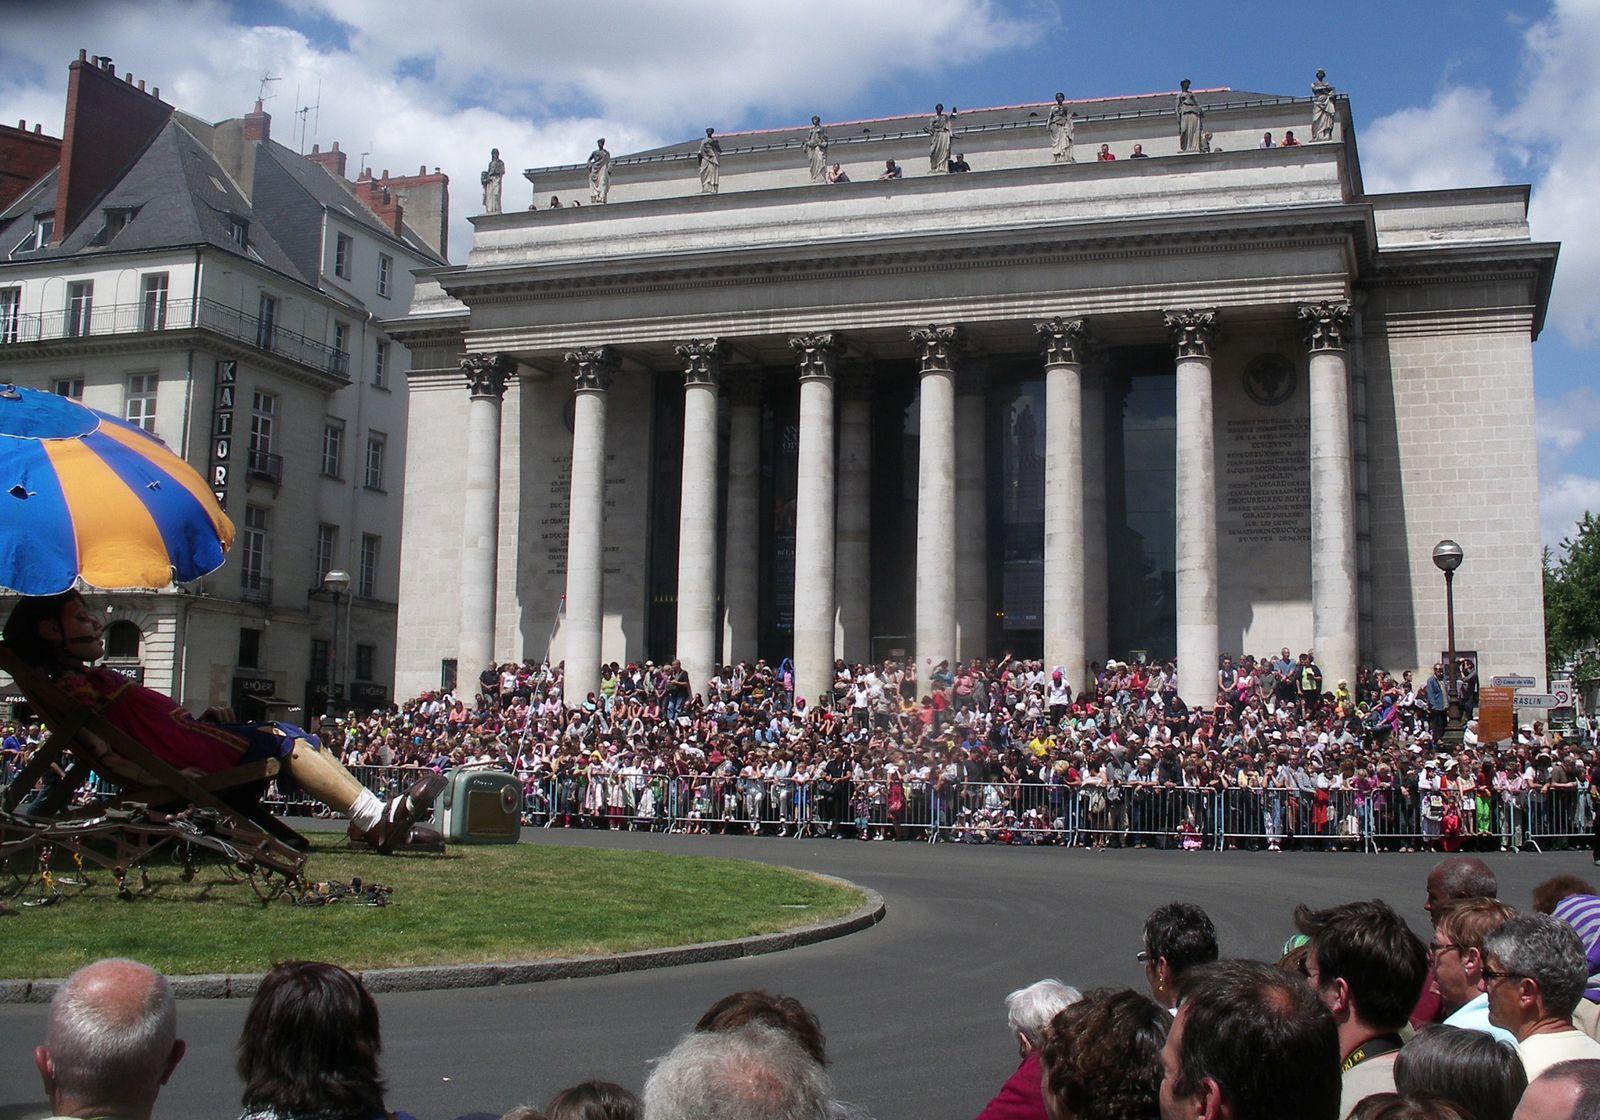 Foule-marches-theatre-nantes-devant-fille-royal-deluxe.JPG